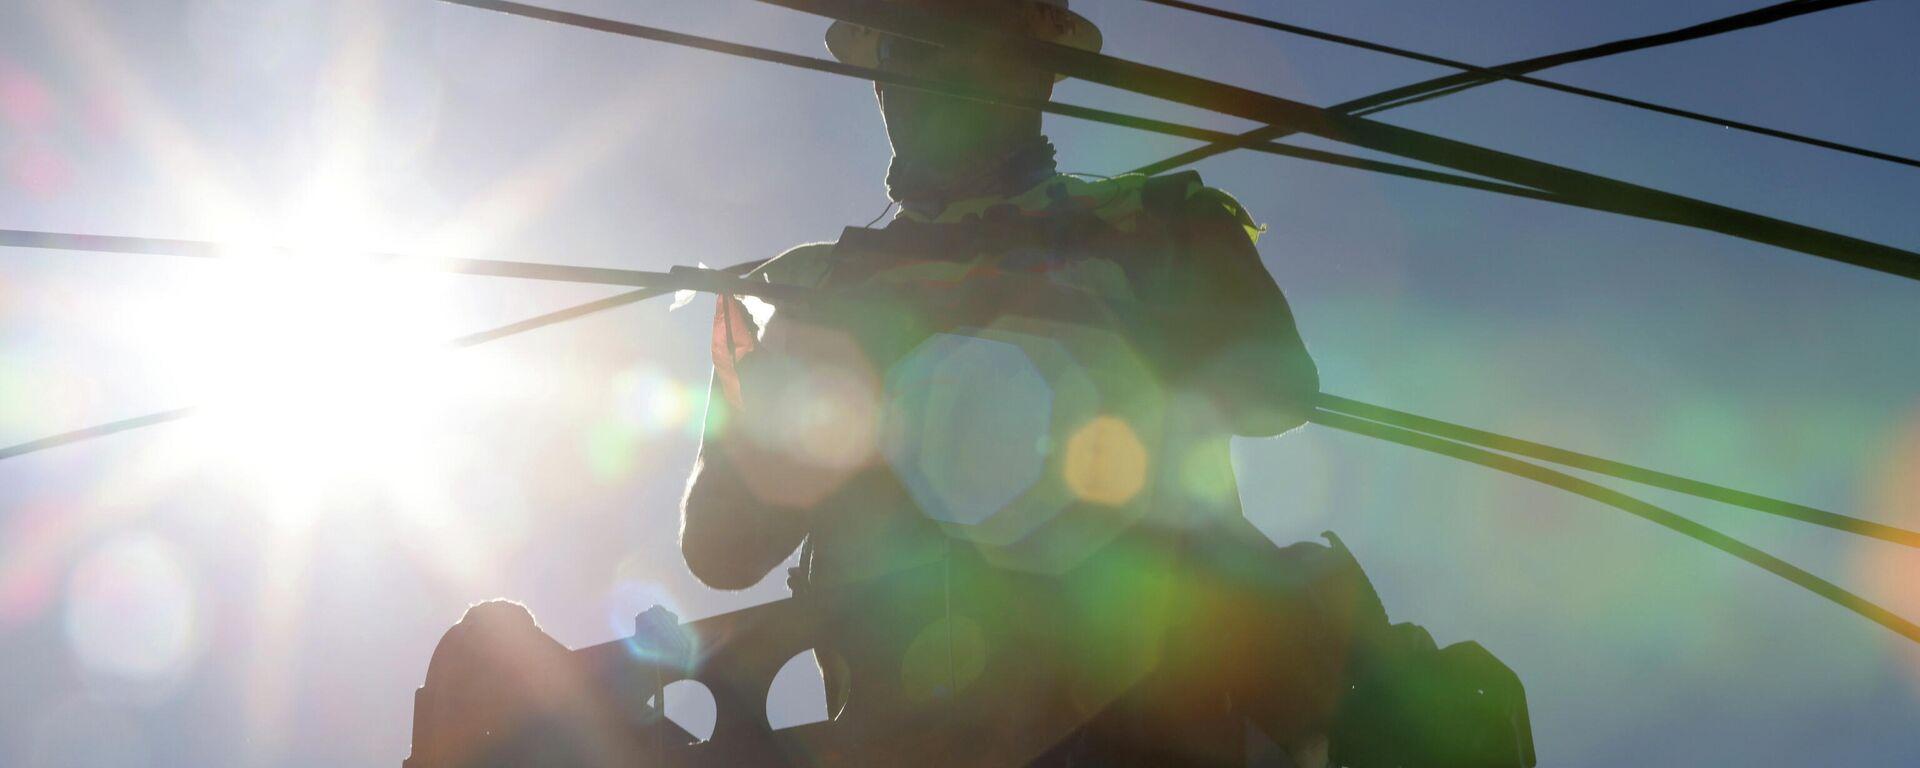 Trabajador restaura el cableado eléctrico durante la ola de calor que azota América del Norte, en Washington, en junio del 2021 - Sputnik Mundo, 1920, 02.07.2021